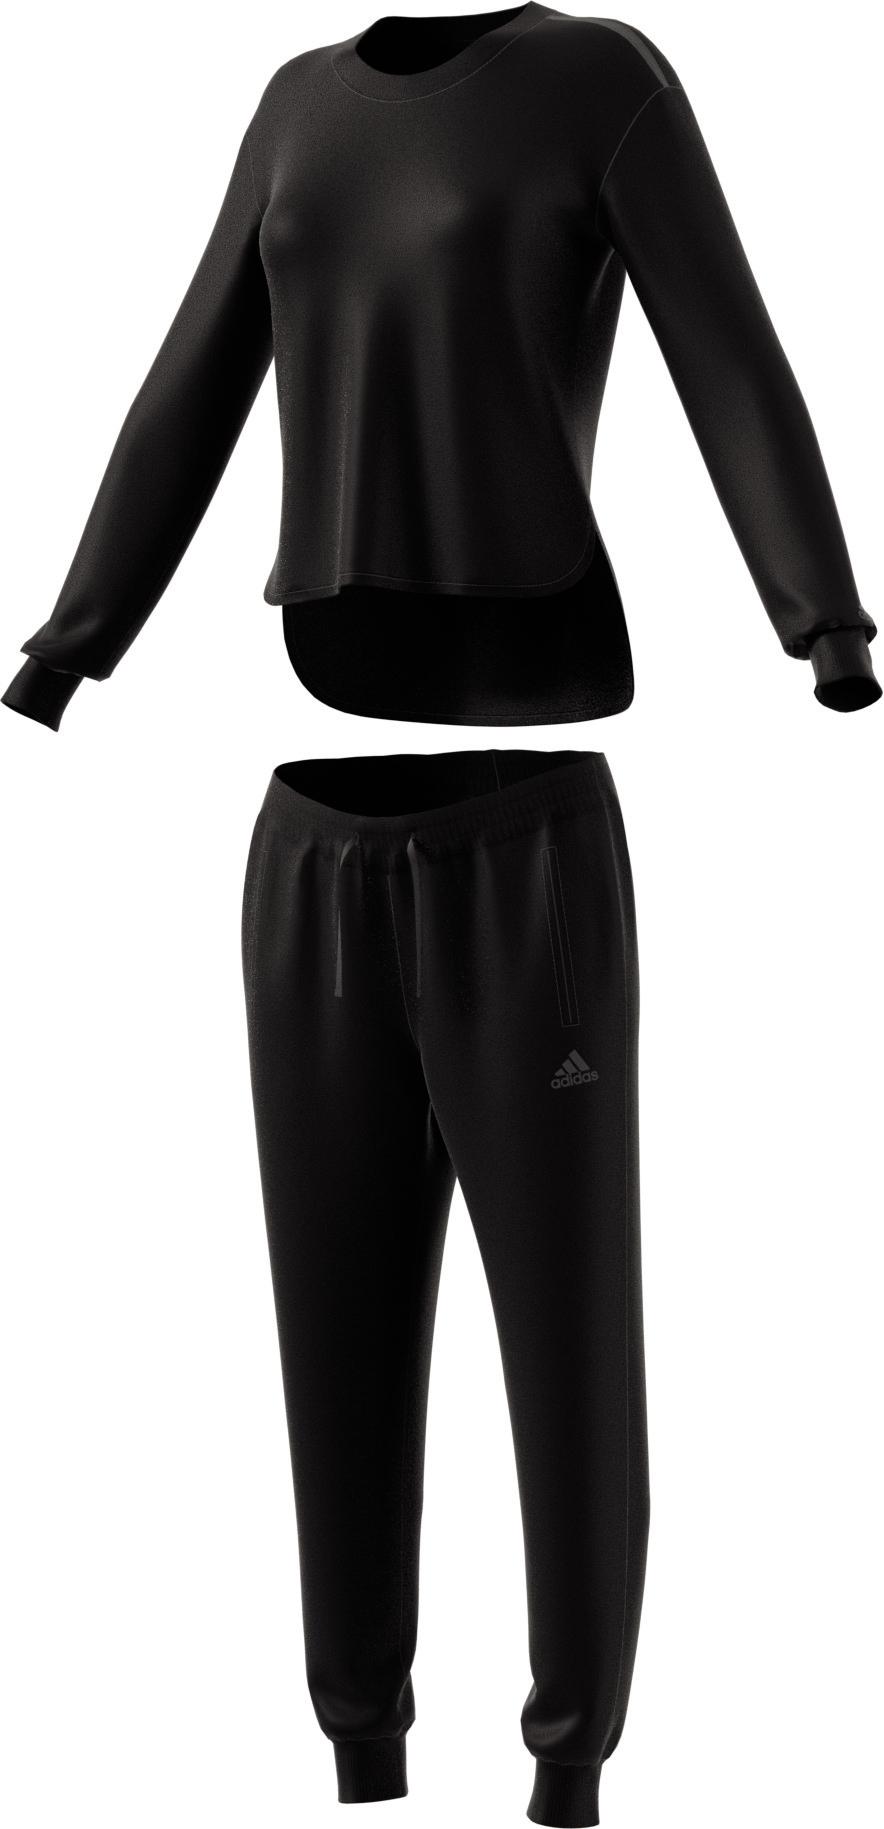 Damen Trainingsanzug CHILL OUT TRACKSUIT